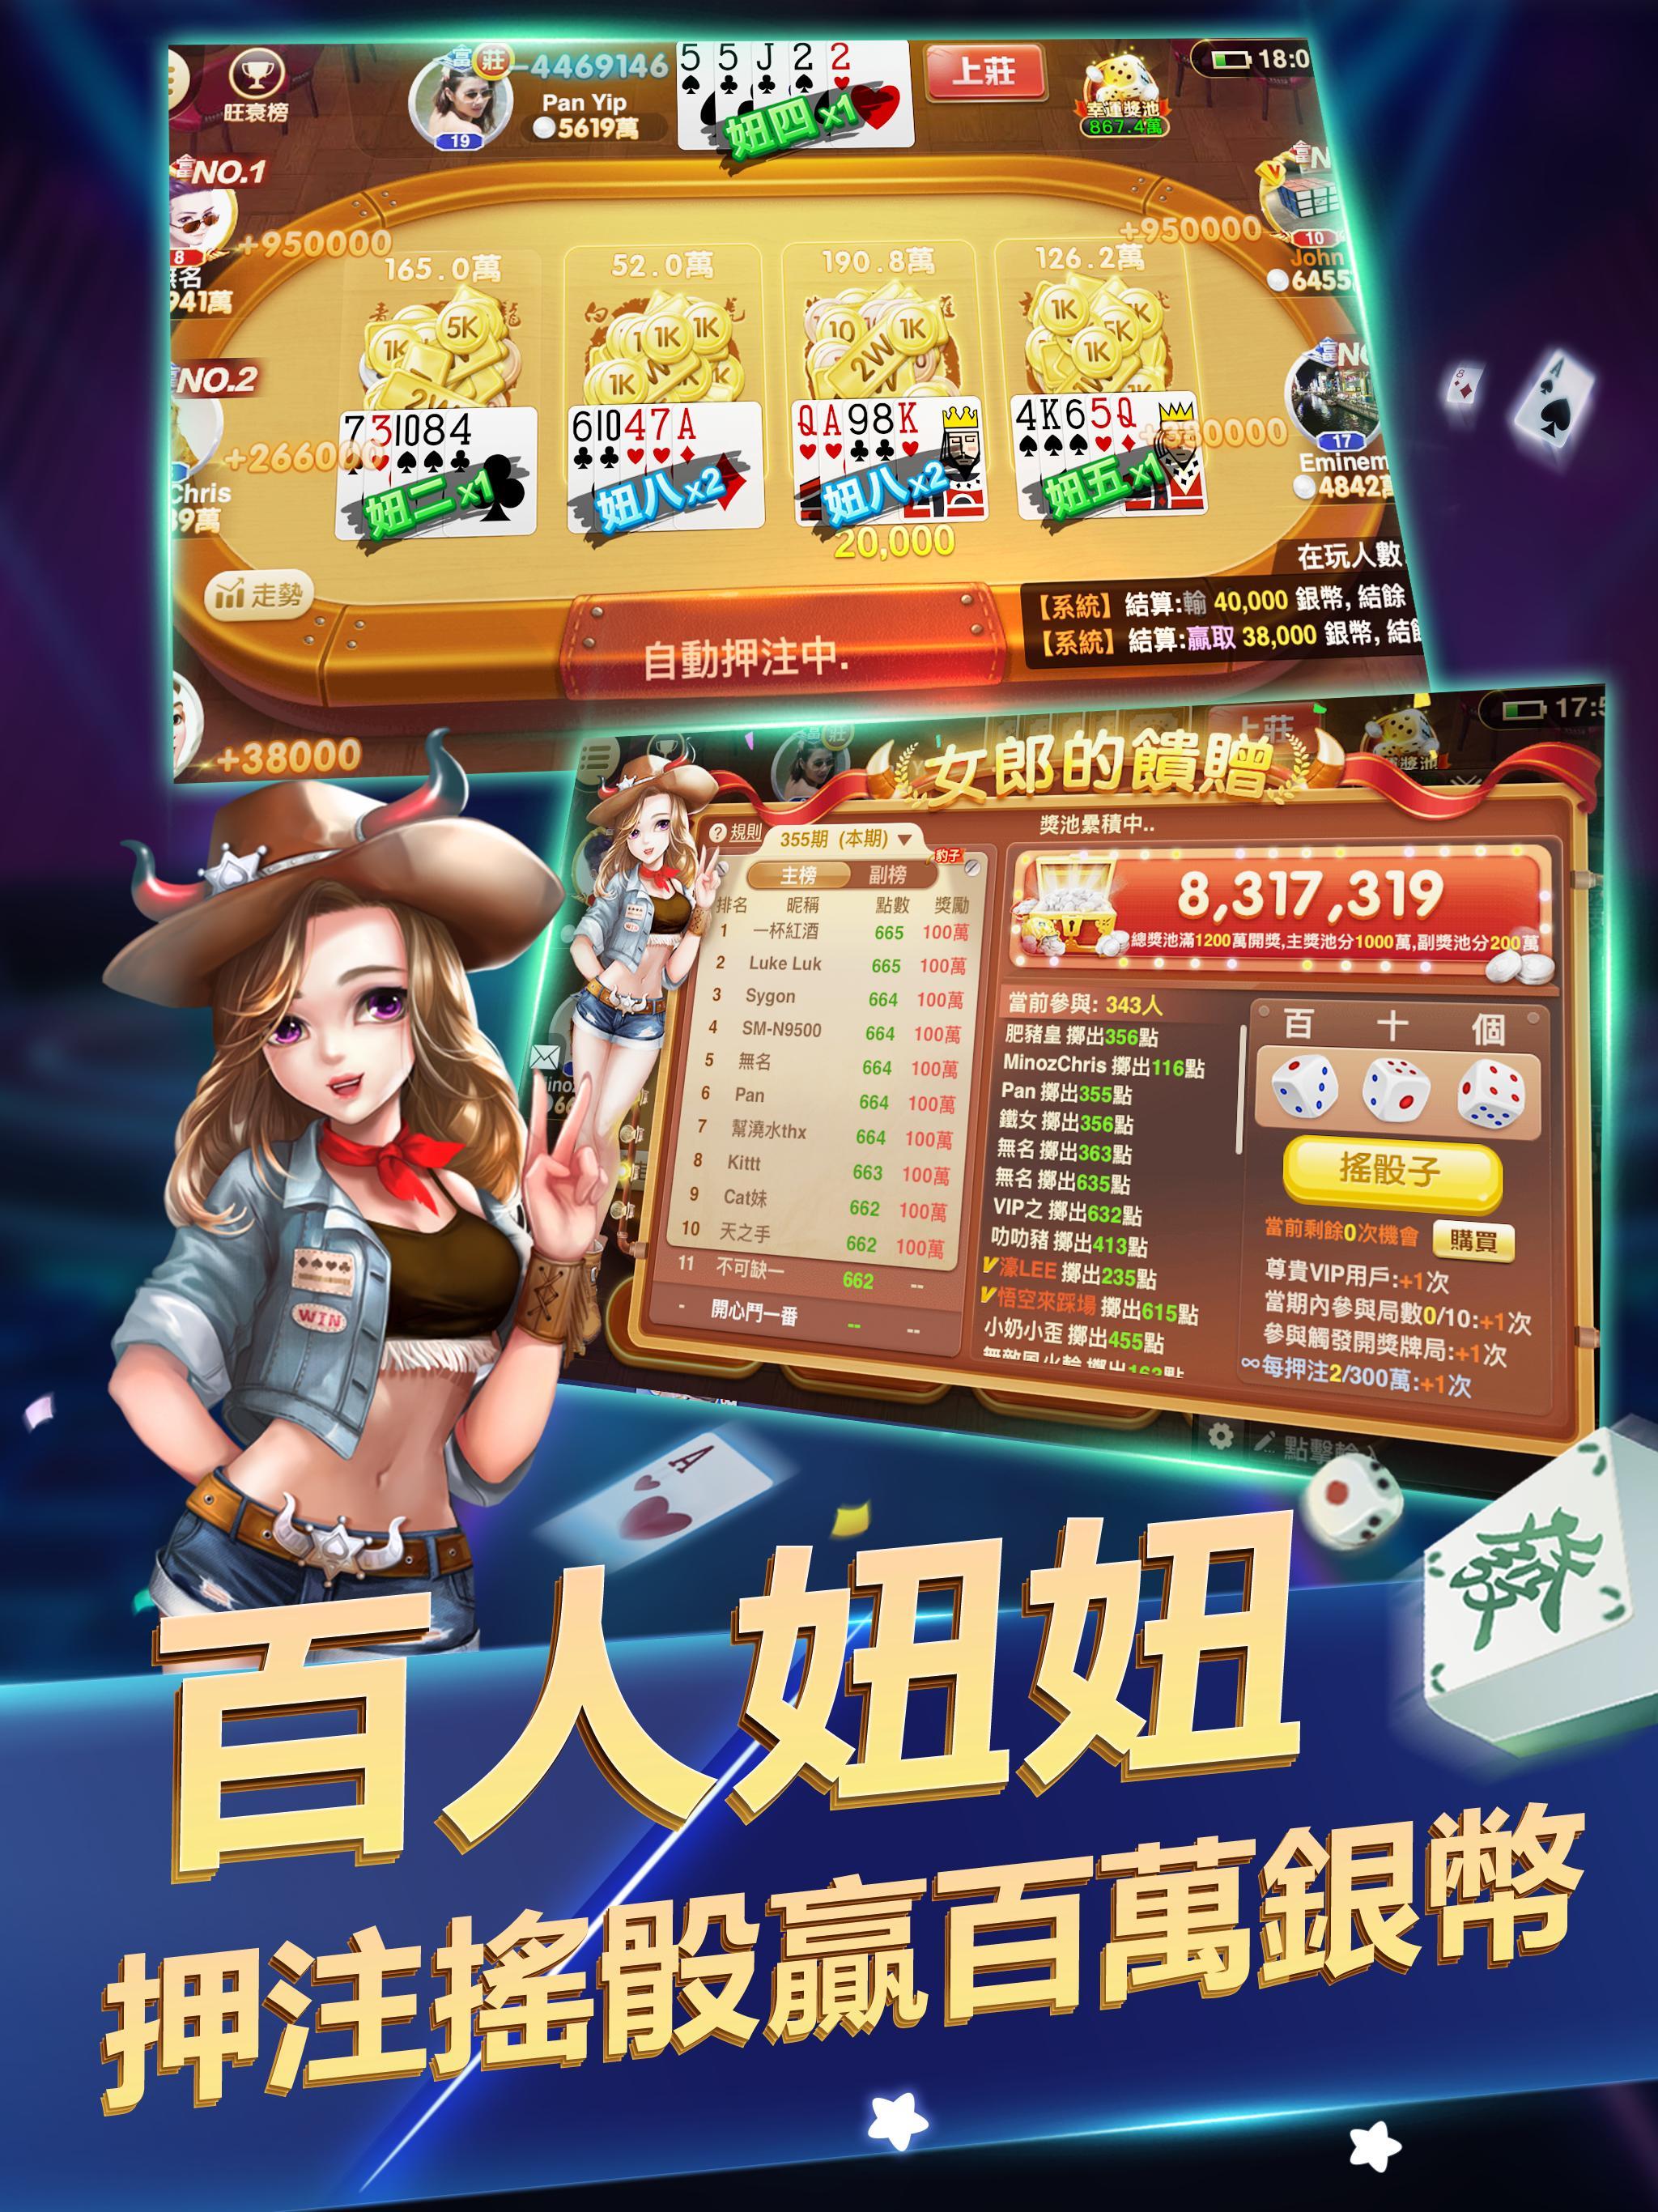 開心鬥一番 港式麻雀 跑馬仔 鋤大D等5 IN 1 3.6.4 Screenshot 12